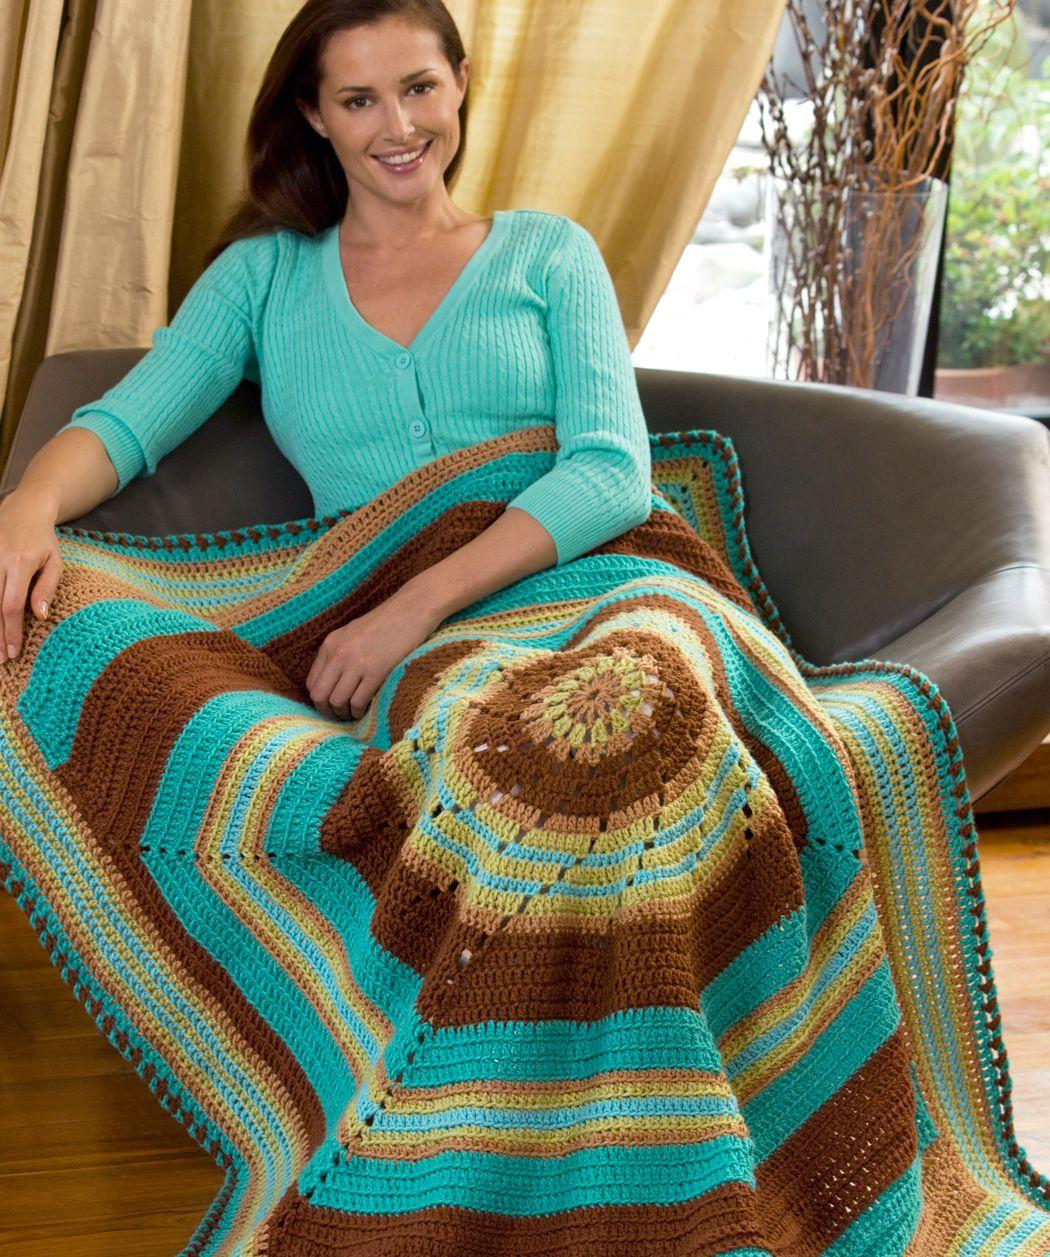 Twist turn throw crochet pattern crochet patterns pinterest twist turn throw by ann regis free crochet pattern redheart bankloansurffo Choice Image